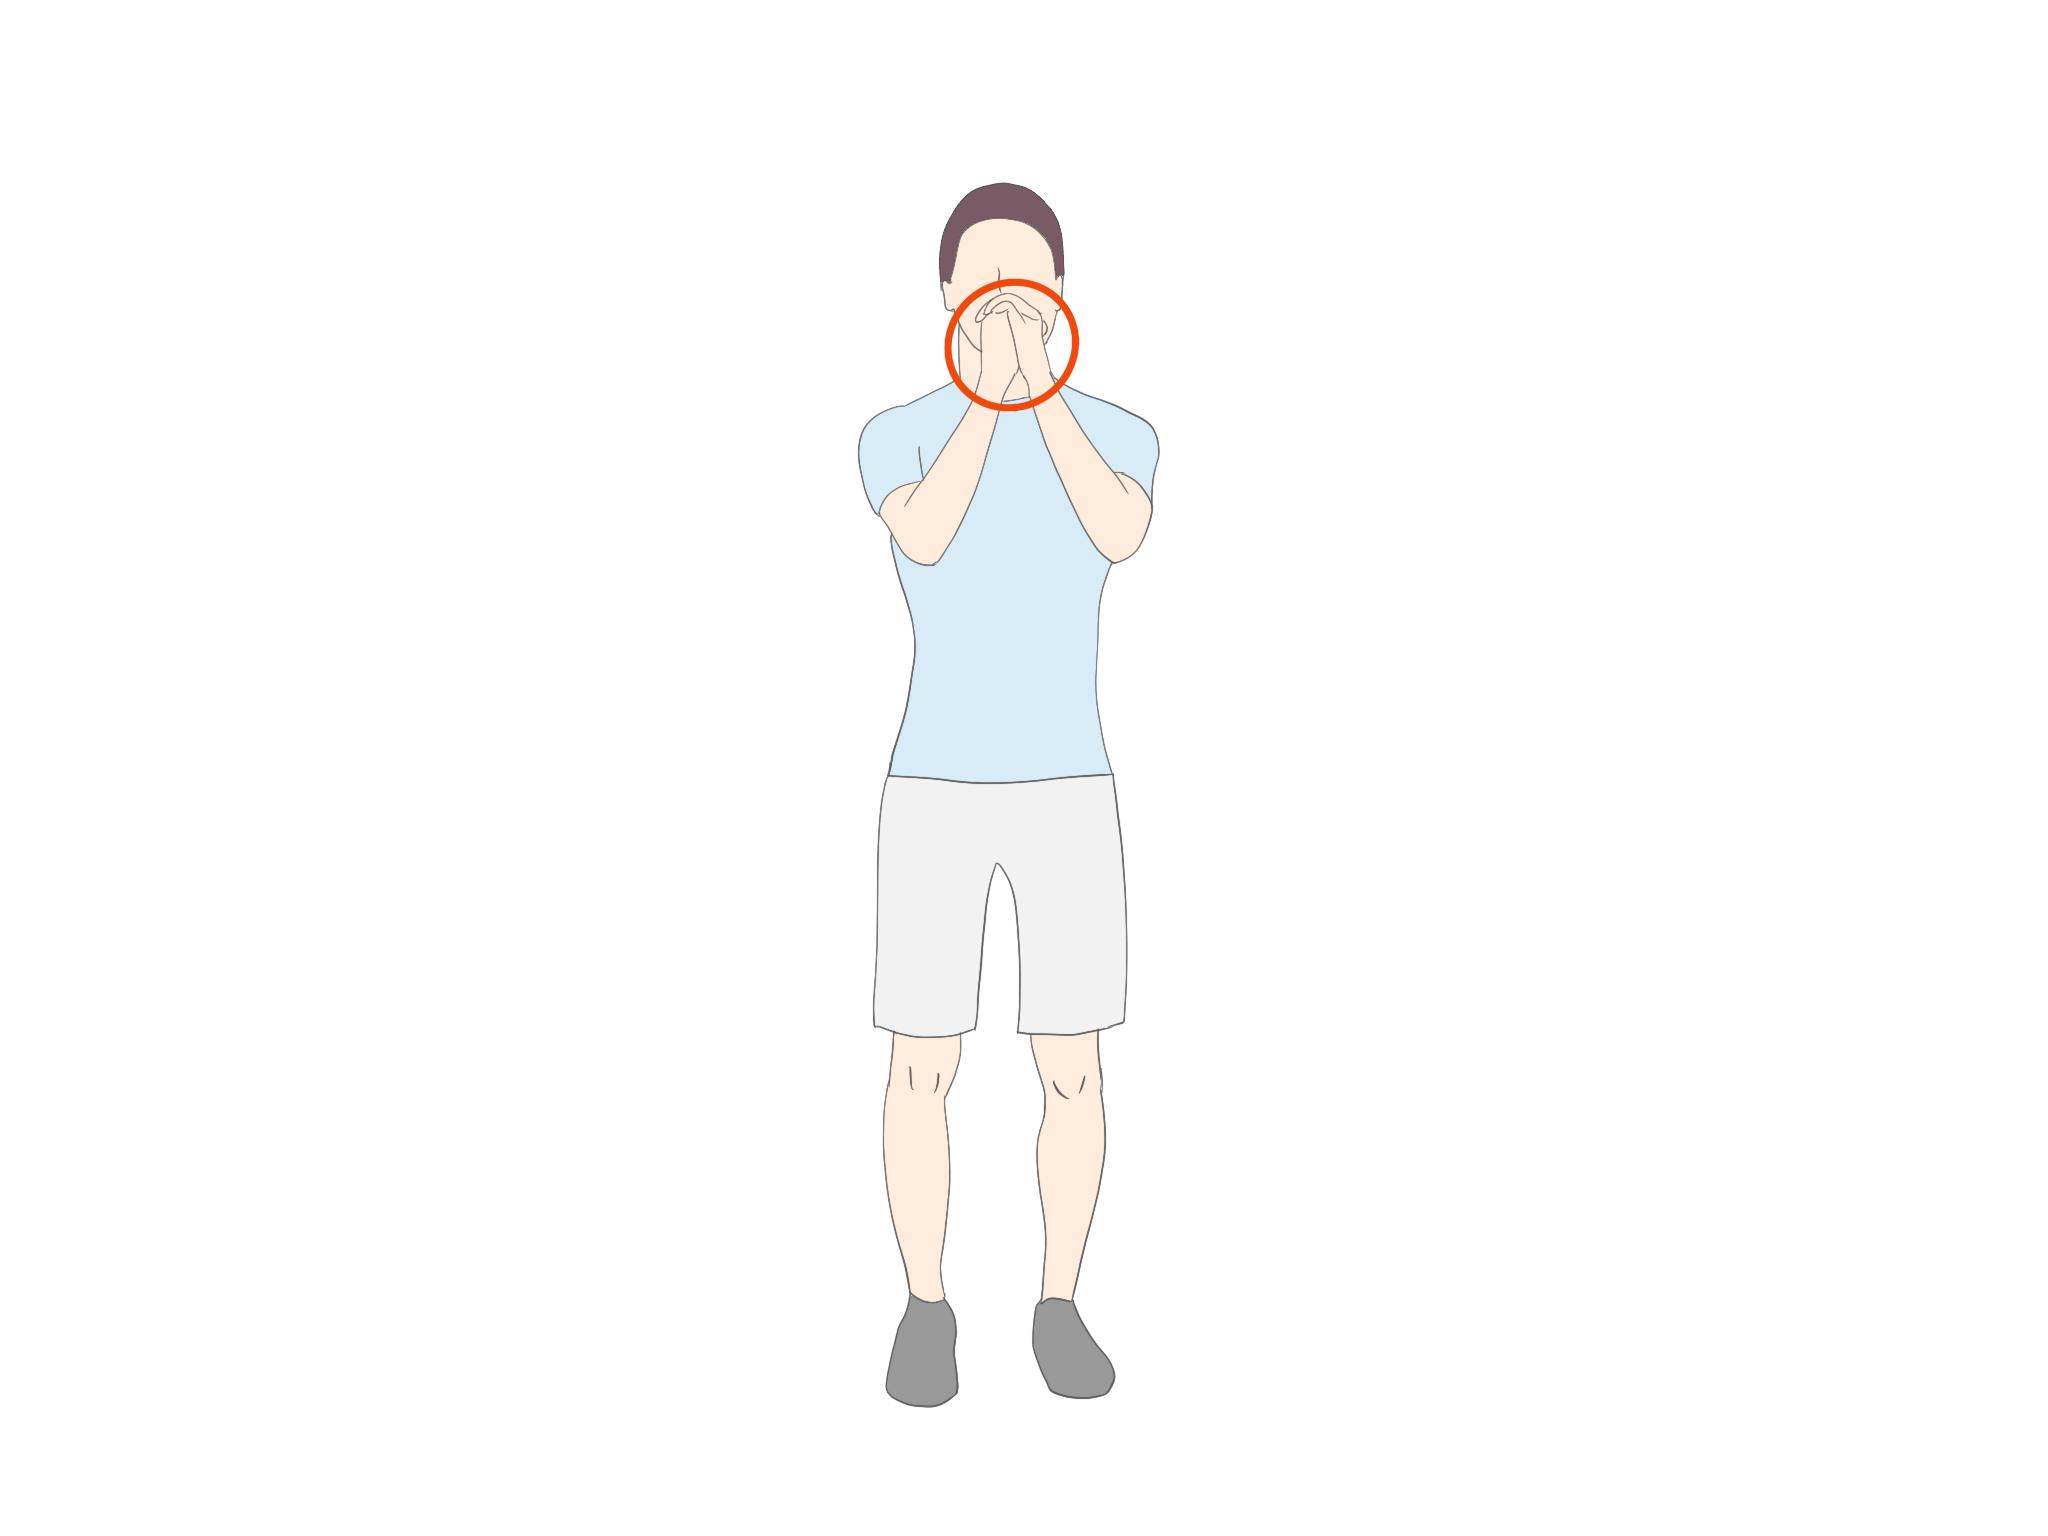 【図解】股関節屈曲の機能改善   クロスオーバーランジ【金沢市アルコット接骨院のパーソナルトレーニングコラムvol.031】